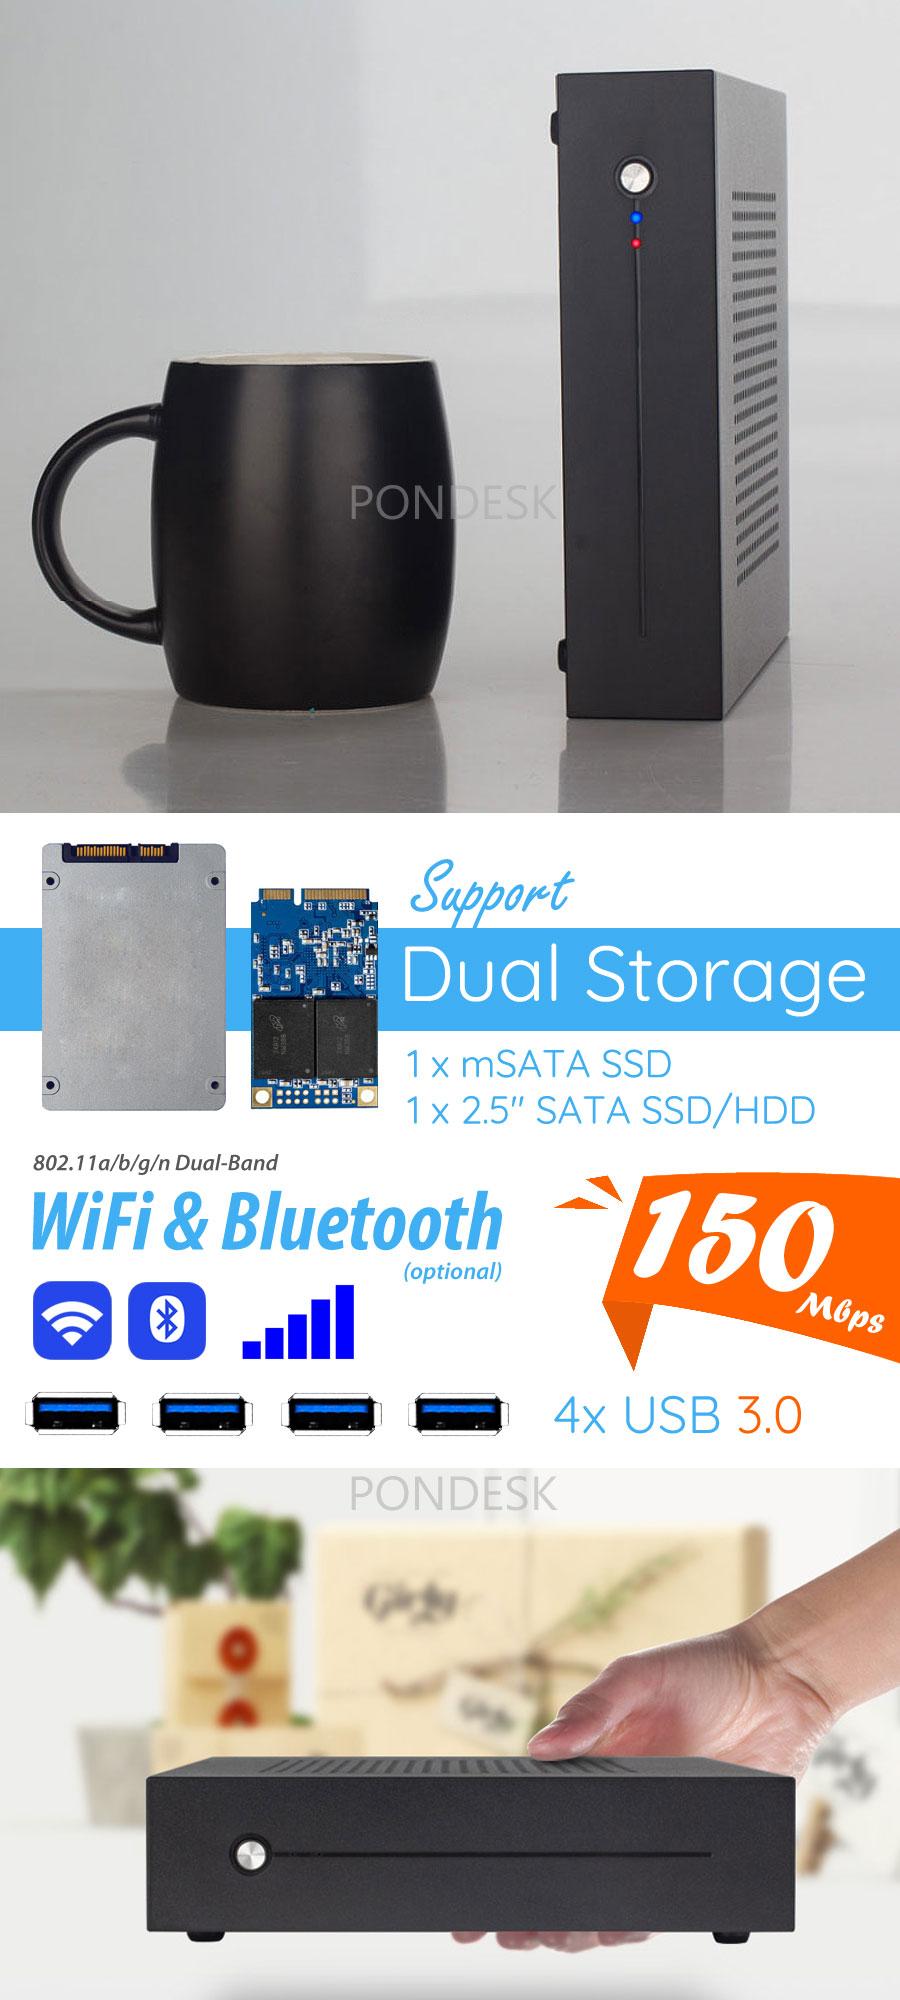 7th Gen. Intel® Core™ i7-7700T Kaby Lake 3.8GHz HD Mini PC - MNHO-055 | Image